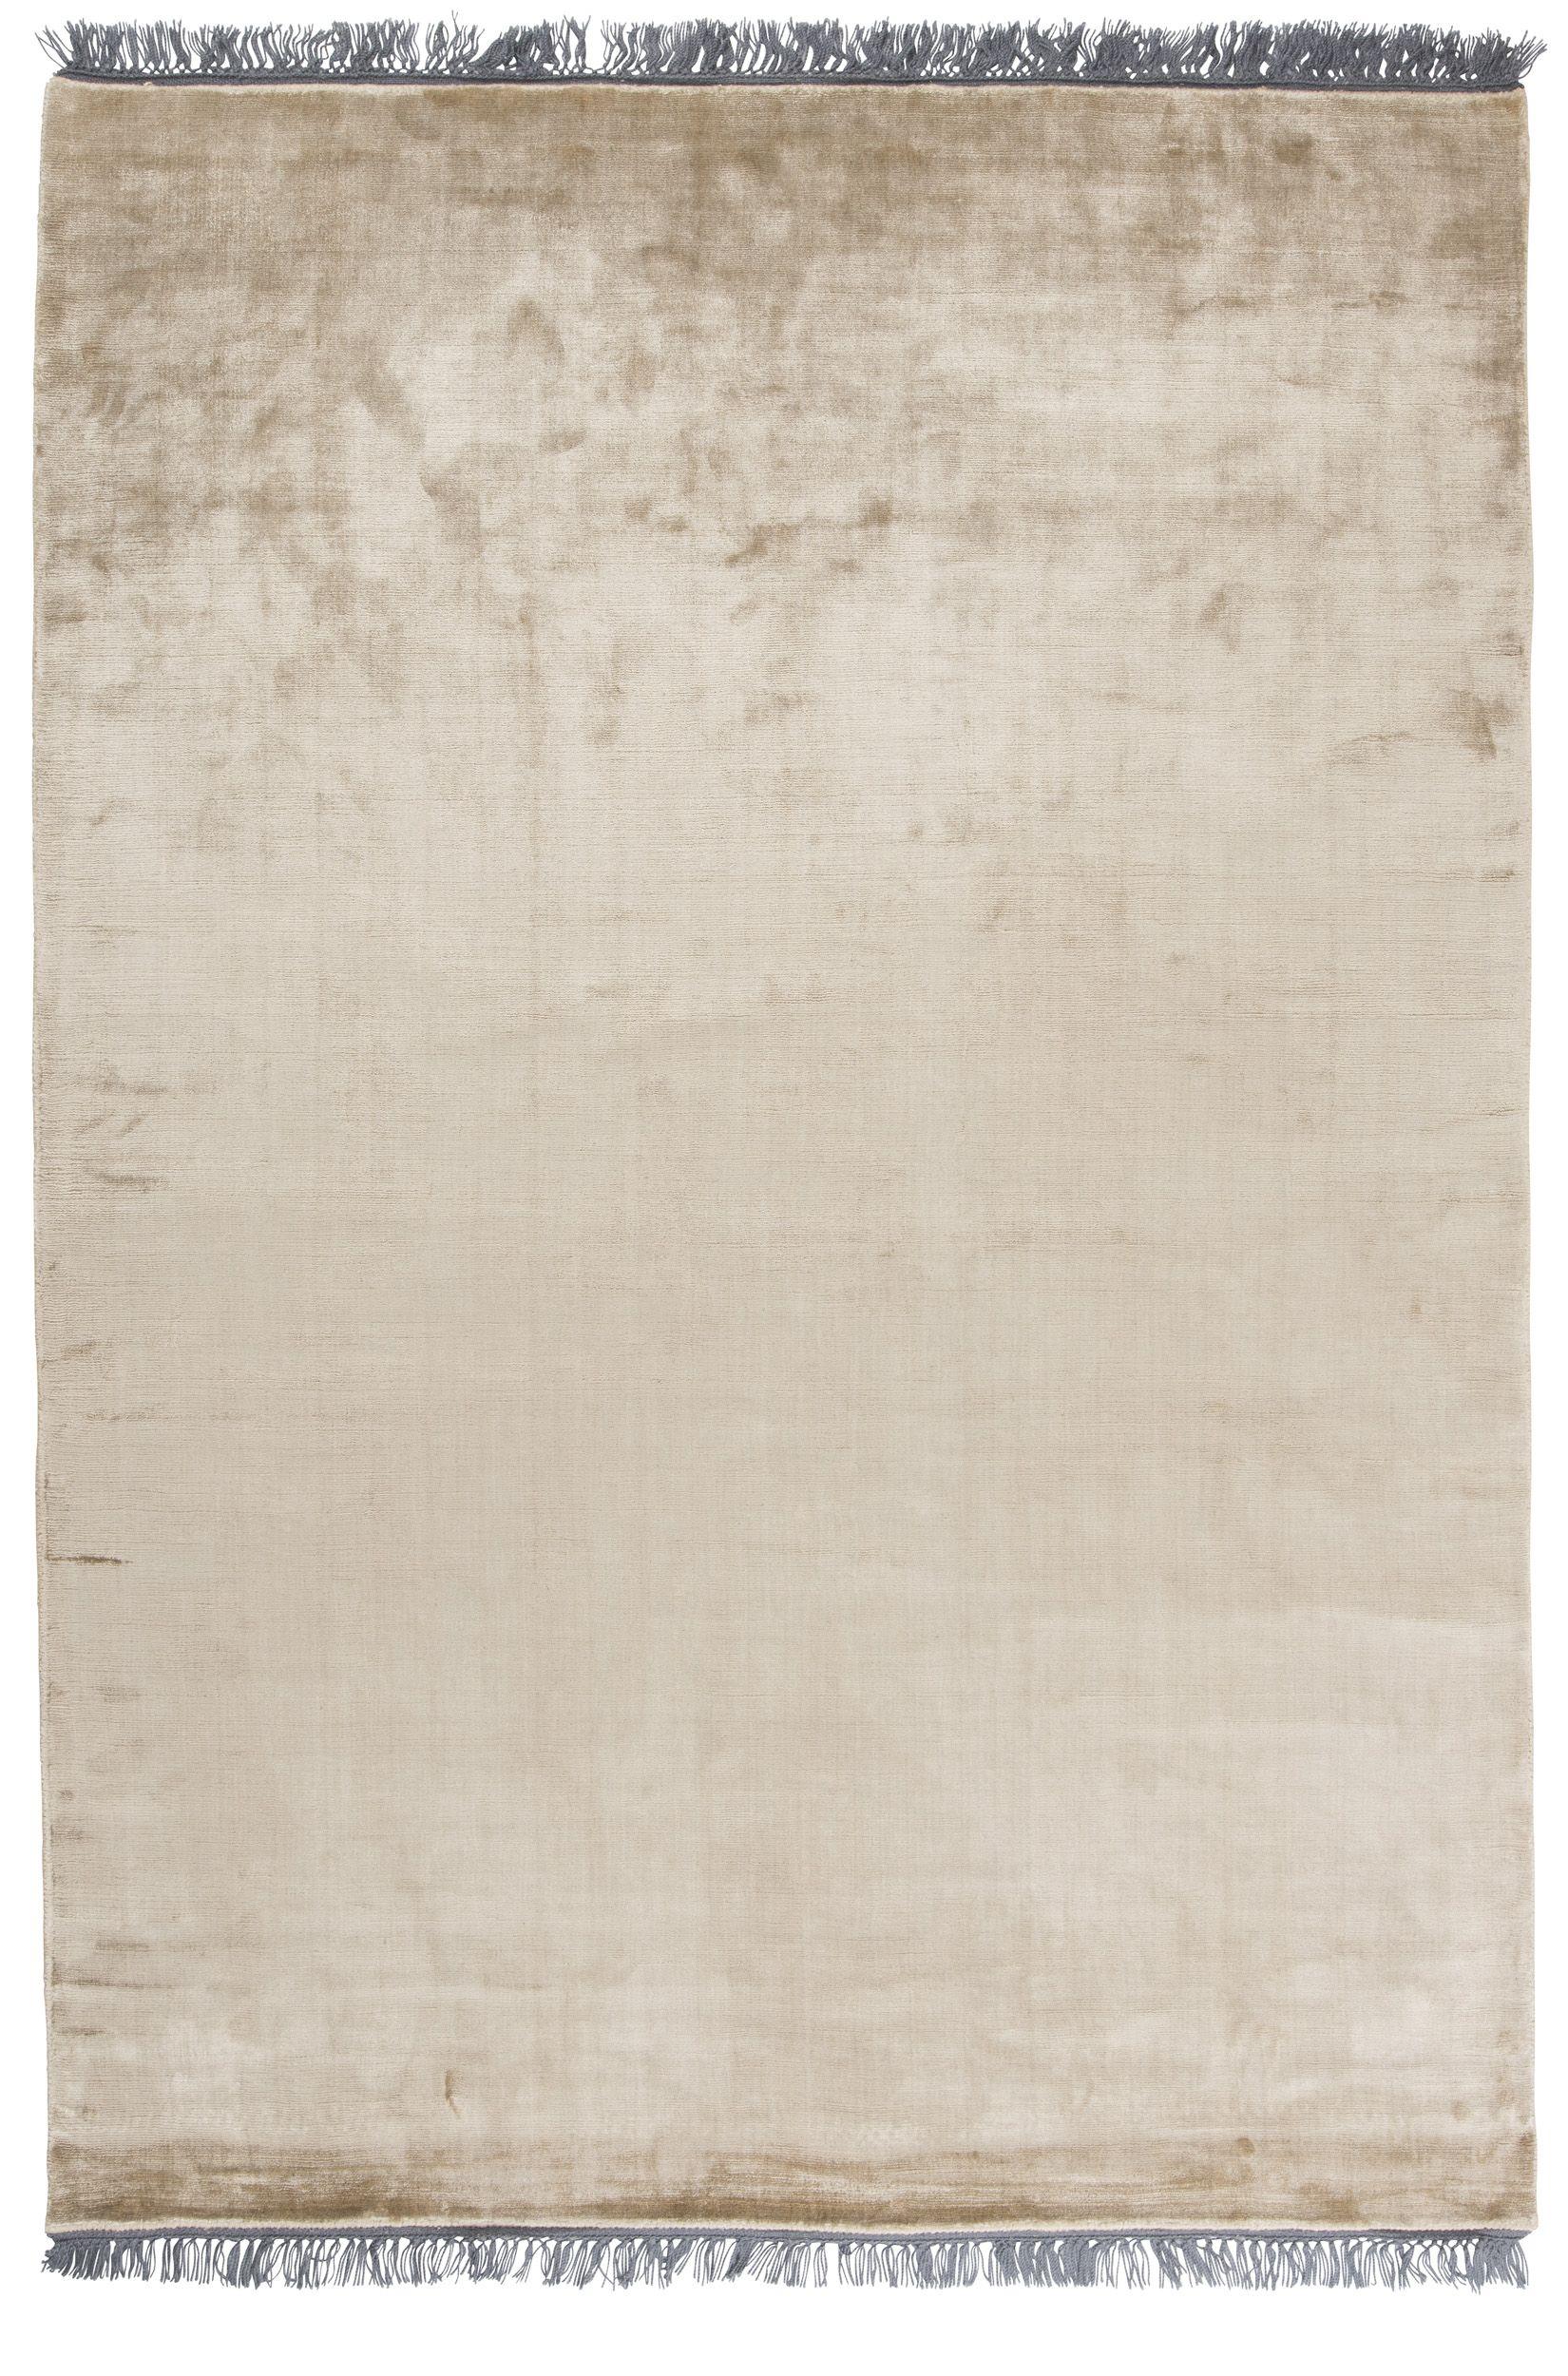 Tapis De Bain Antidérapant Gifi Nouveau Image Résultat Supérieur 60 Merveilleux Tapis 200 X 300 S 2018 Hdj5